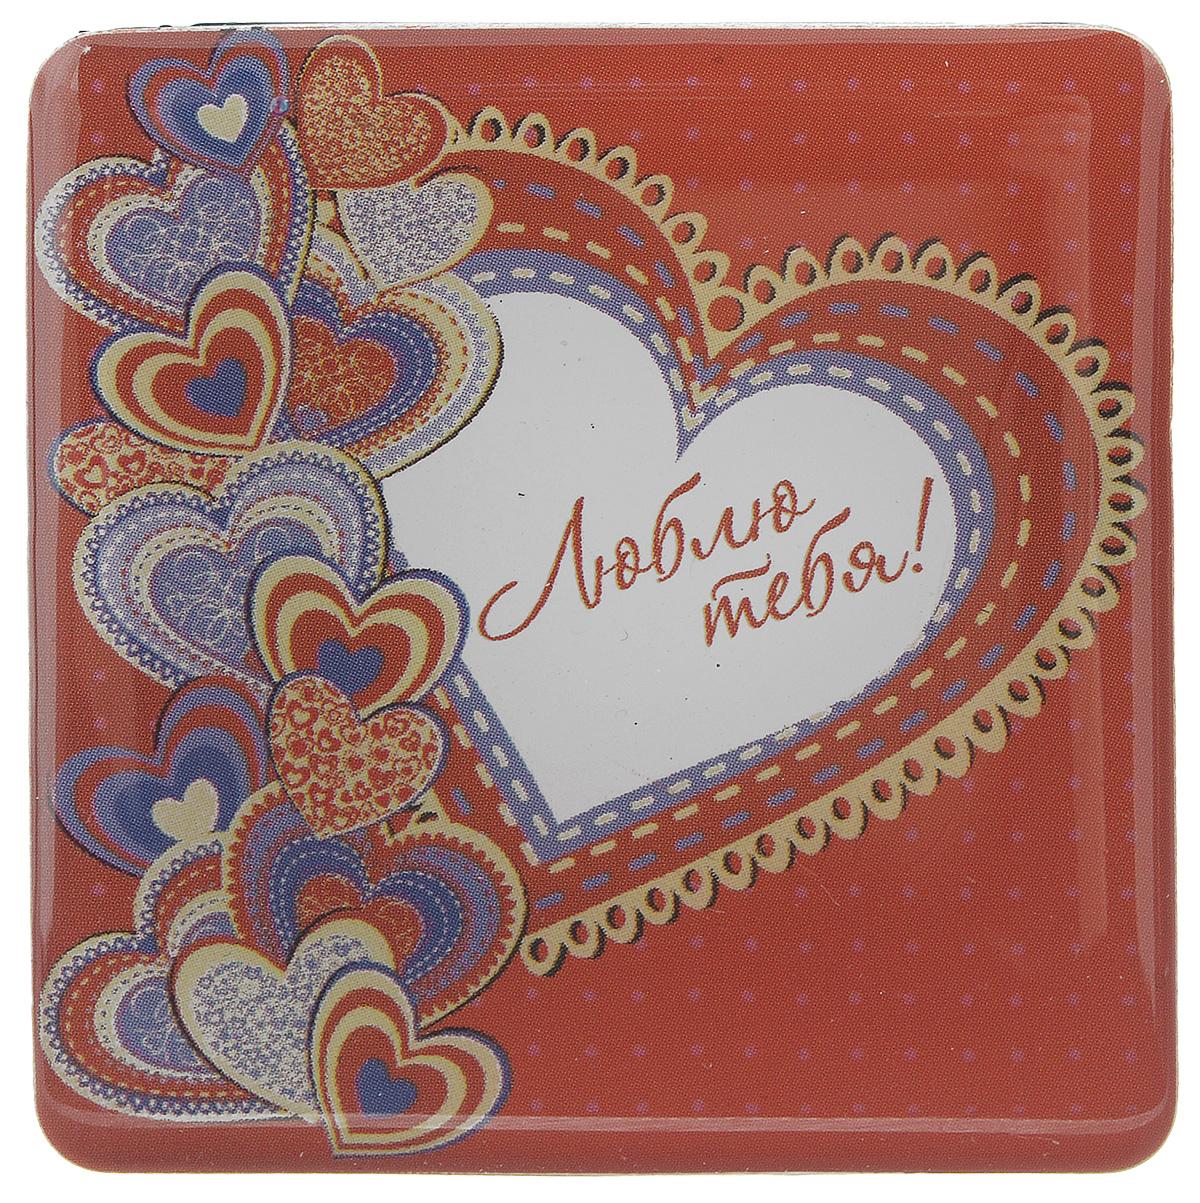 Магнит Феникс-презент Люблю тебя!, 5 x 5 см31530Магнит квадратной формы Феникс-презент Люблю тебя!, выполненный из агломерированного феррита, станет приятным штрихом в повседневной жизни. Оригинальный магнит, декорированный изображением сердец, поможет вам украсить не только холодильник, но и любую другую магнитную поверхность. Материал: агломерированный феррит.